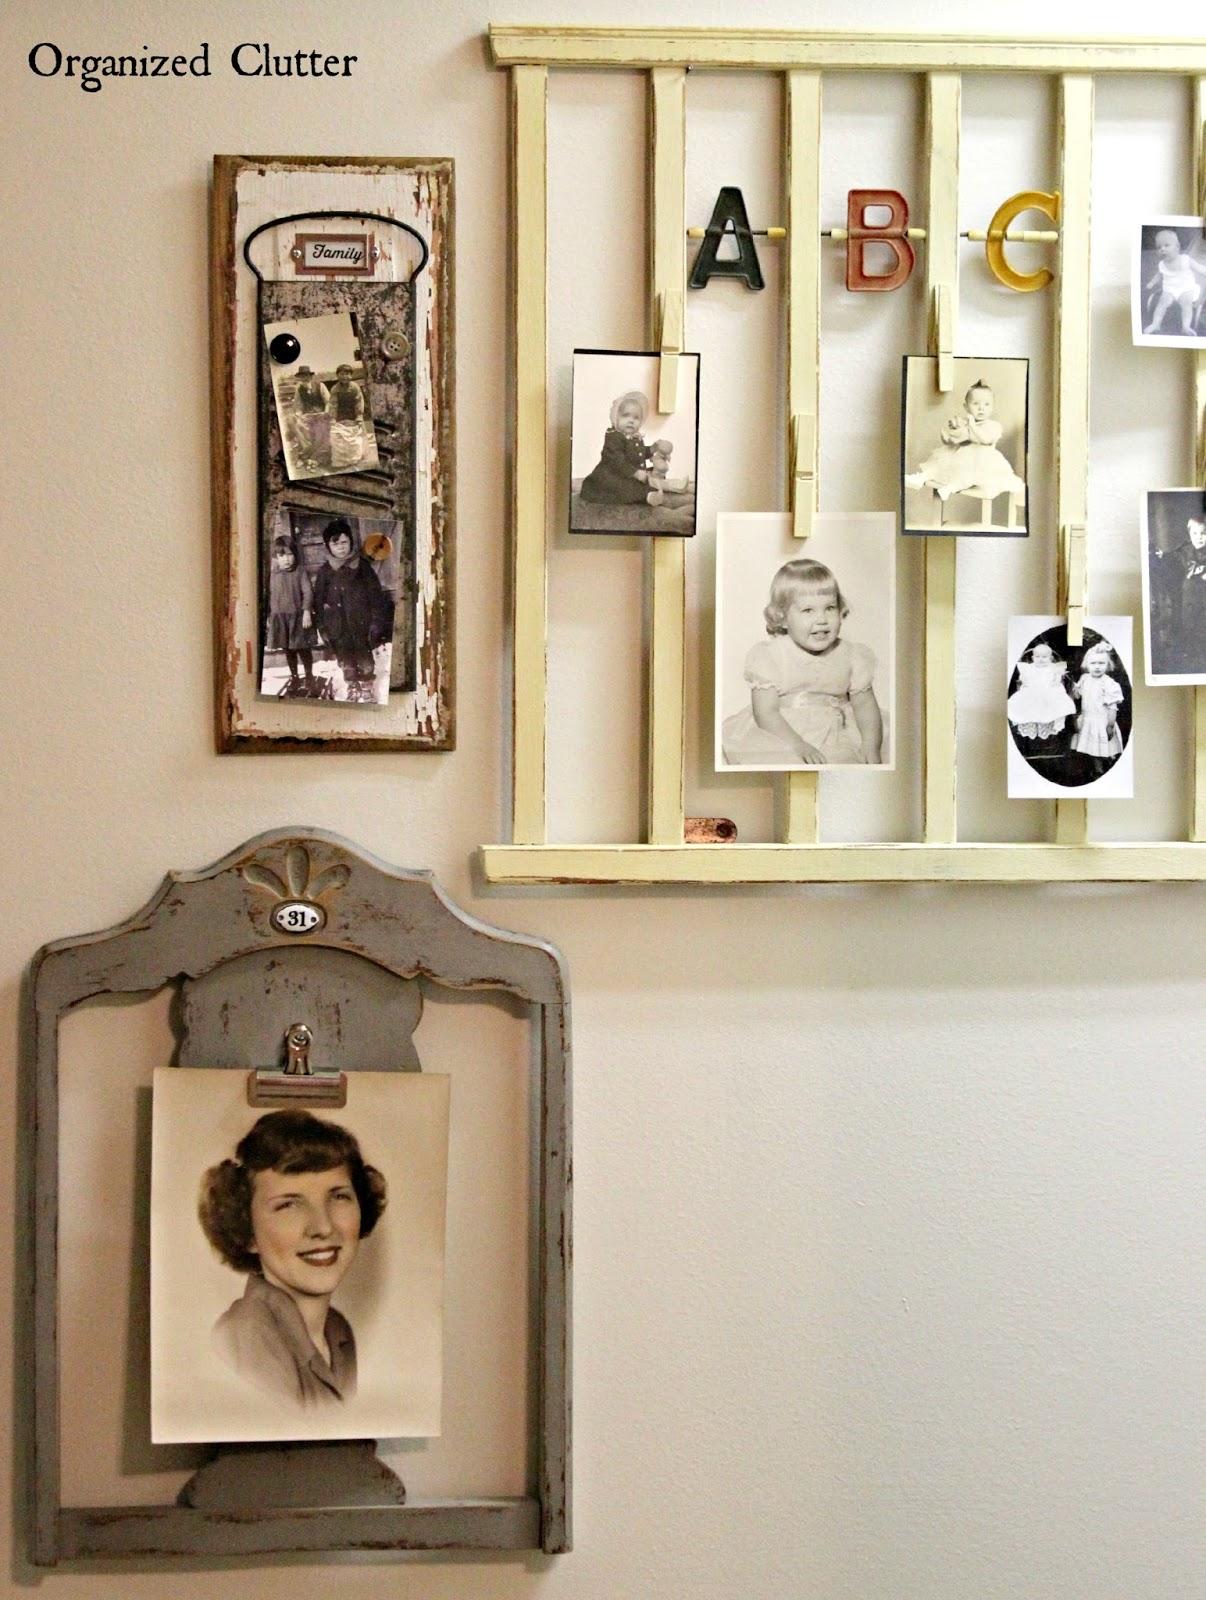 Re-Purposed Photo Gallery (Work In Progress) www.organizedclutter.net